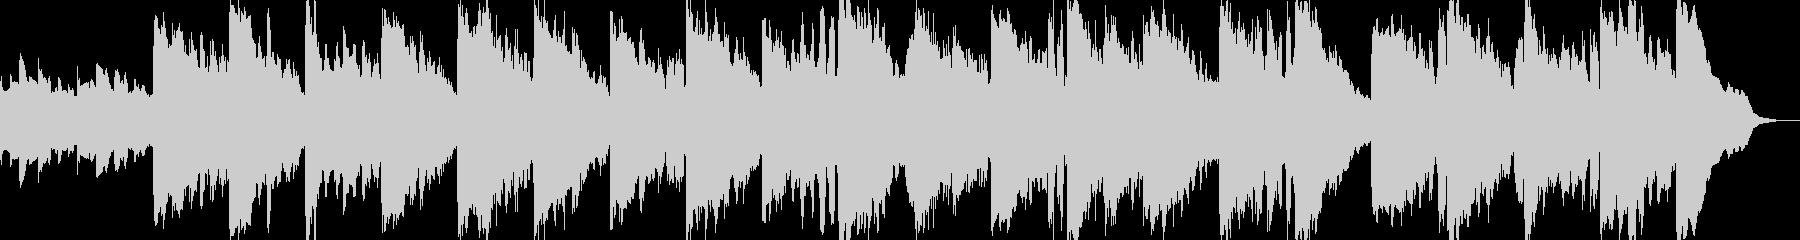 キッズ向けのスローテンポBGMの未再生の波形